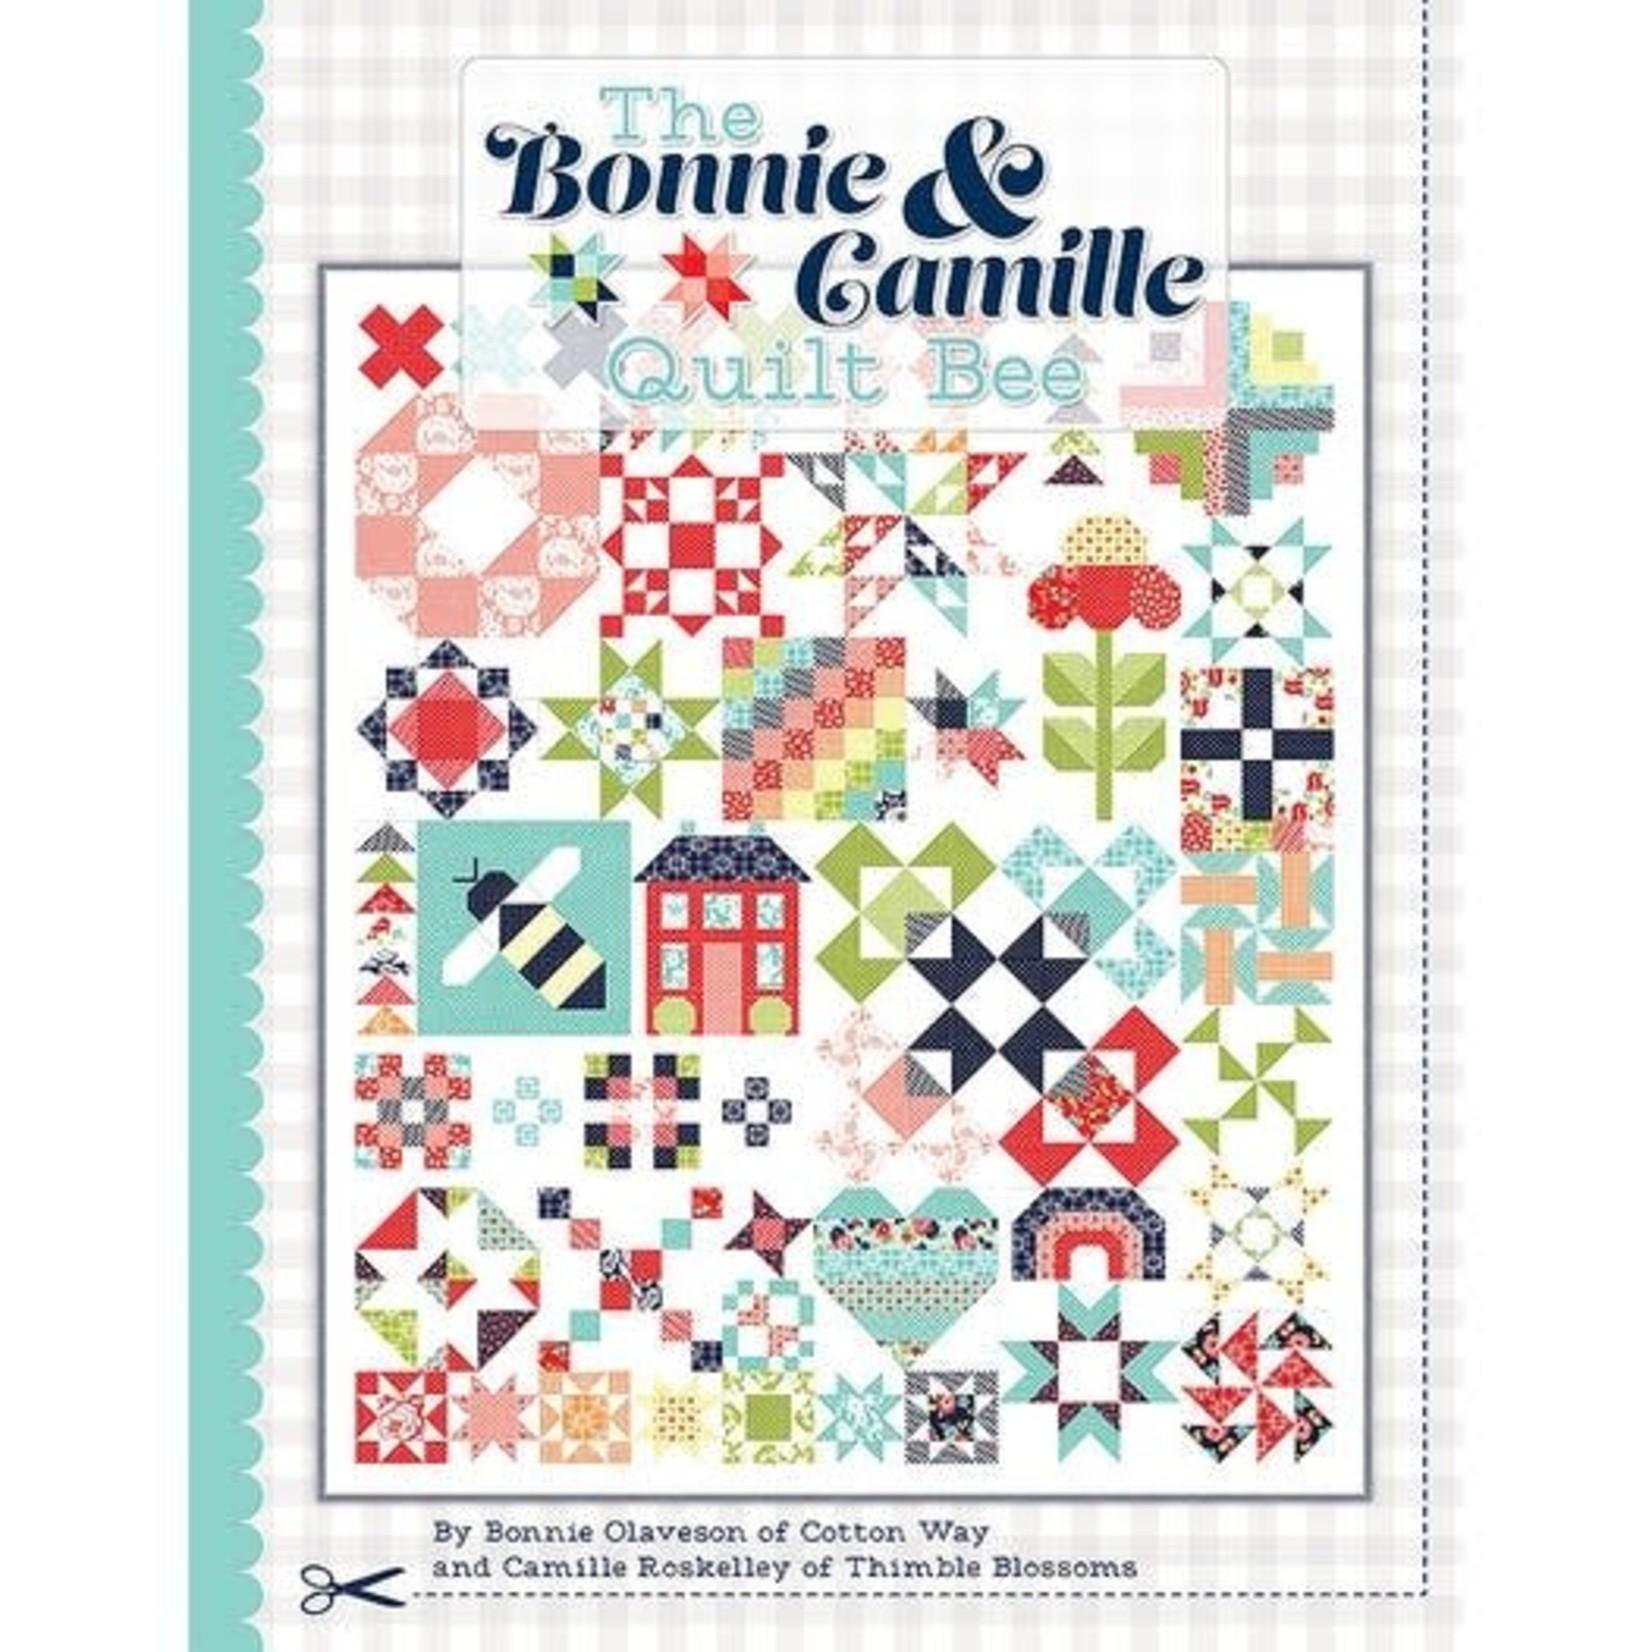 Bonnie & Camille BONNIE & CAMILLE QUILT BEE BOOK